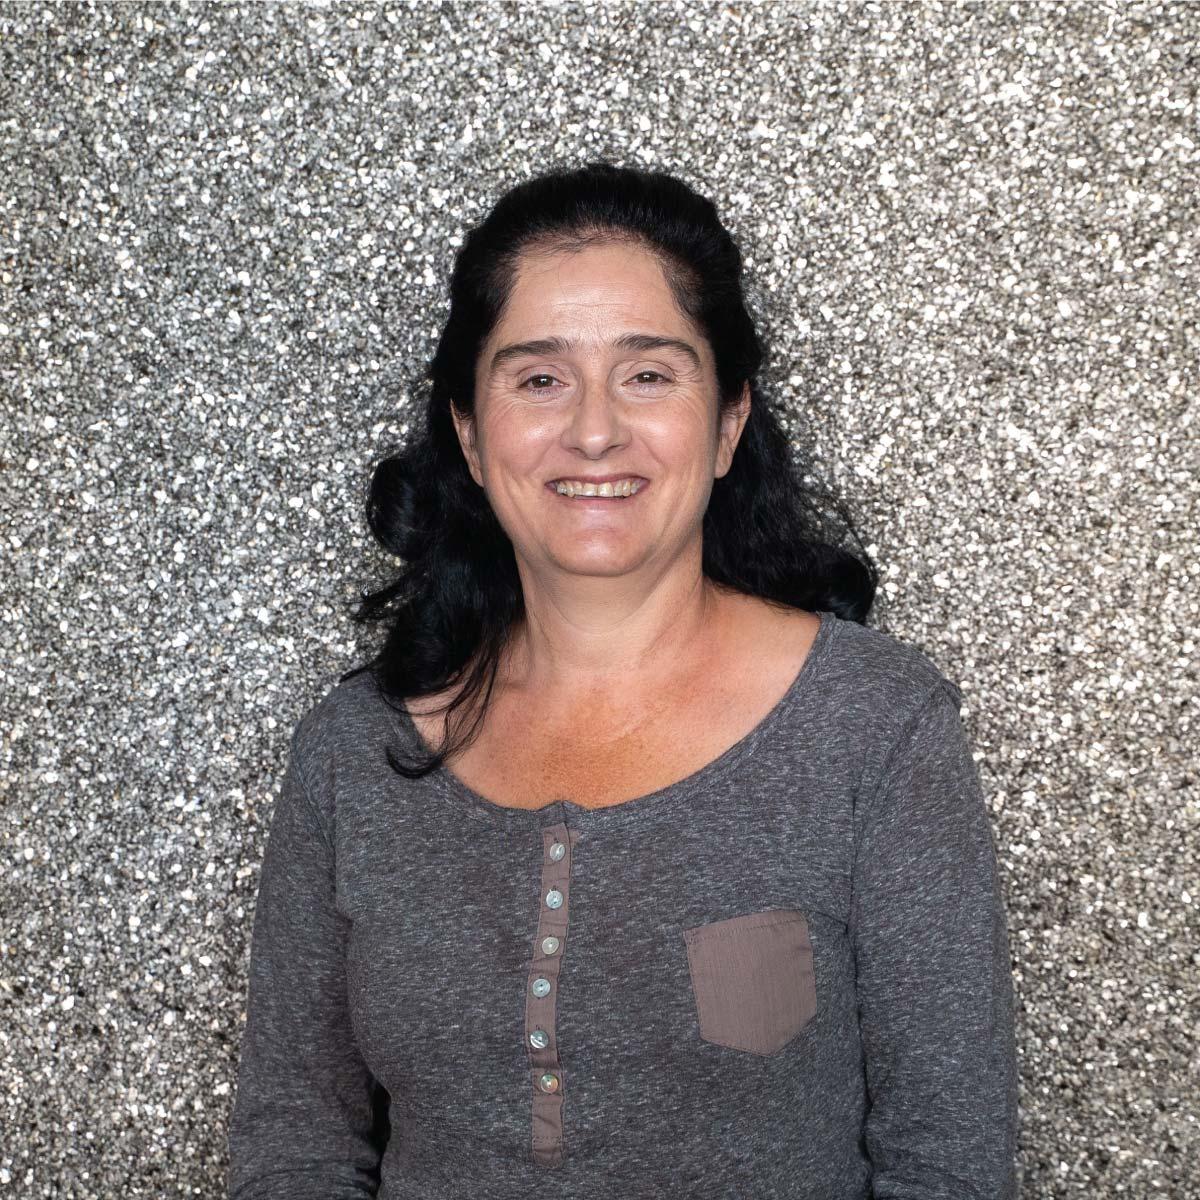 <h3>Lizette Nortje<br><b>Financial <br />Manager<br>